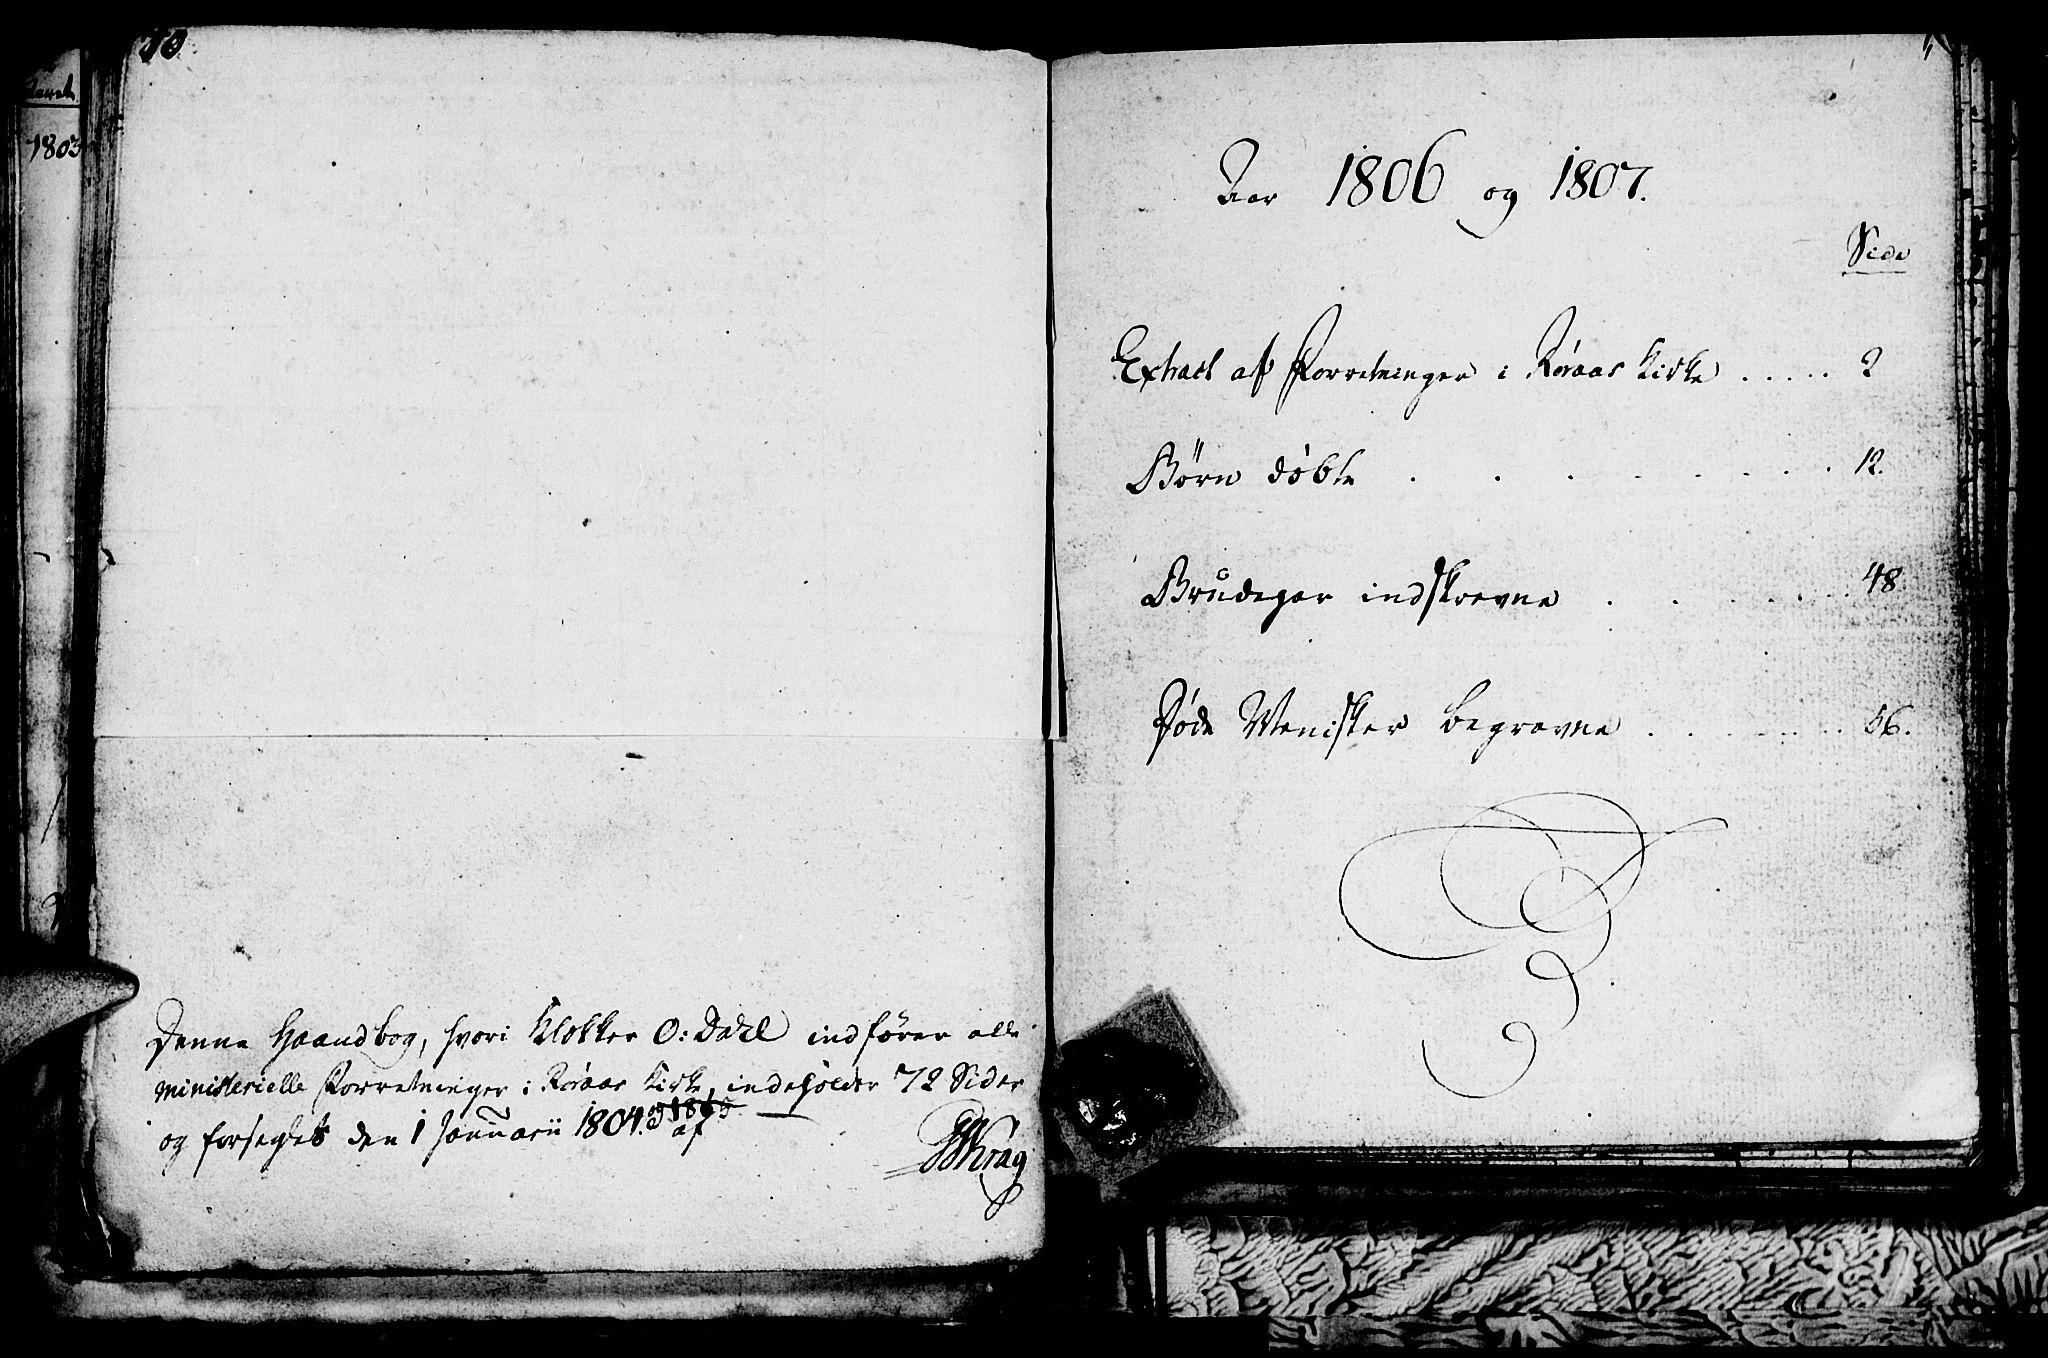 SAT, Ministerialprotokoller, klokkerbøker og fødselsregistre - Sør-Trøndelag, 681/L0937: Klokkerbok nr. 681C01, 1798-1810, s. 70-1